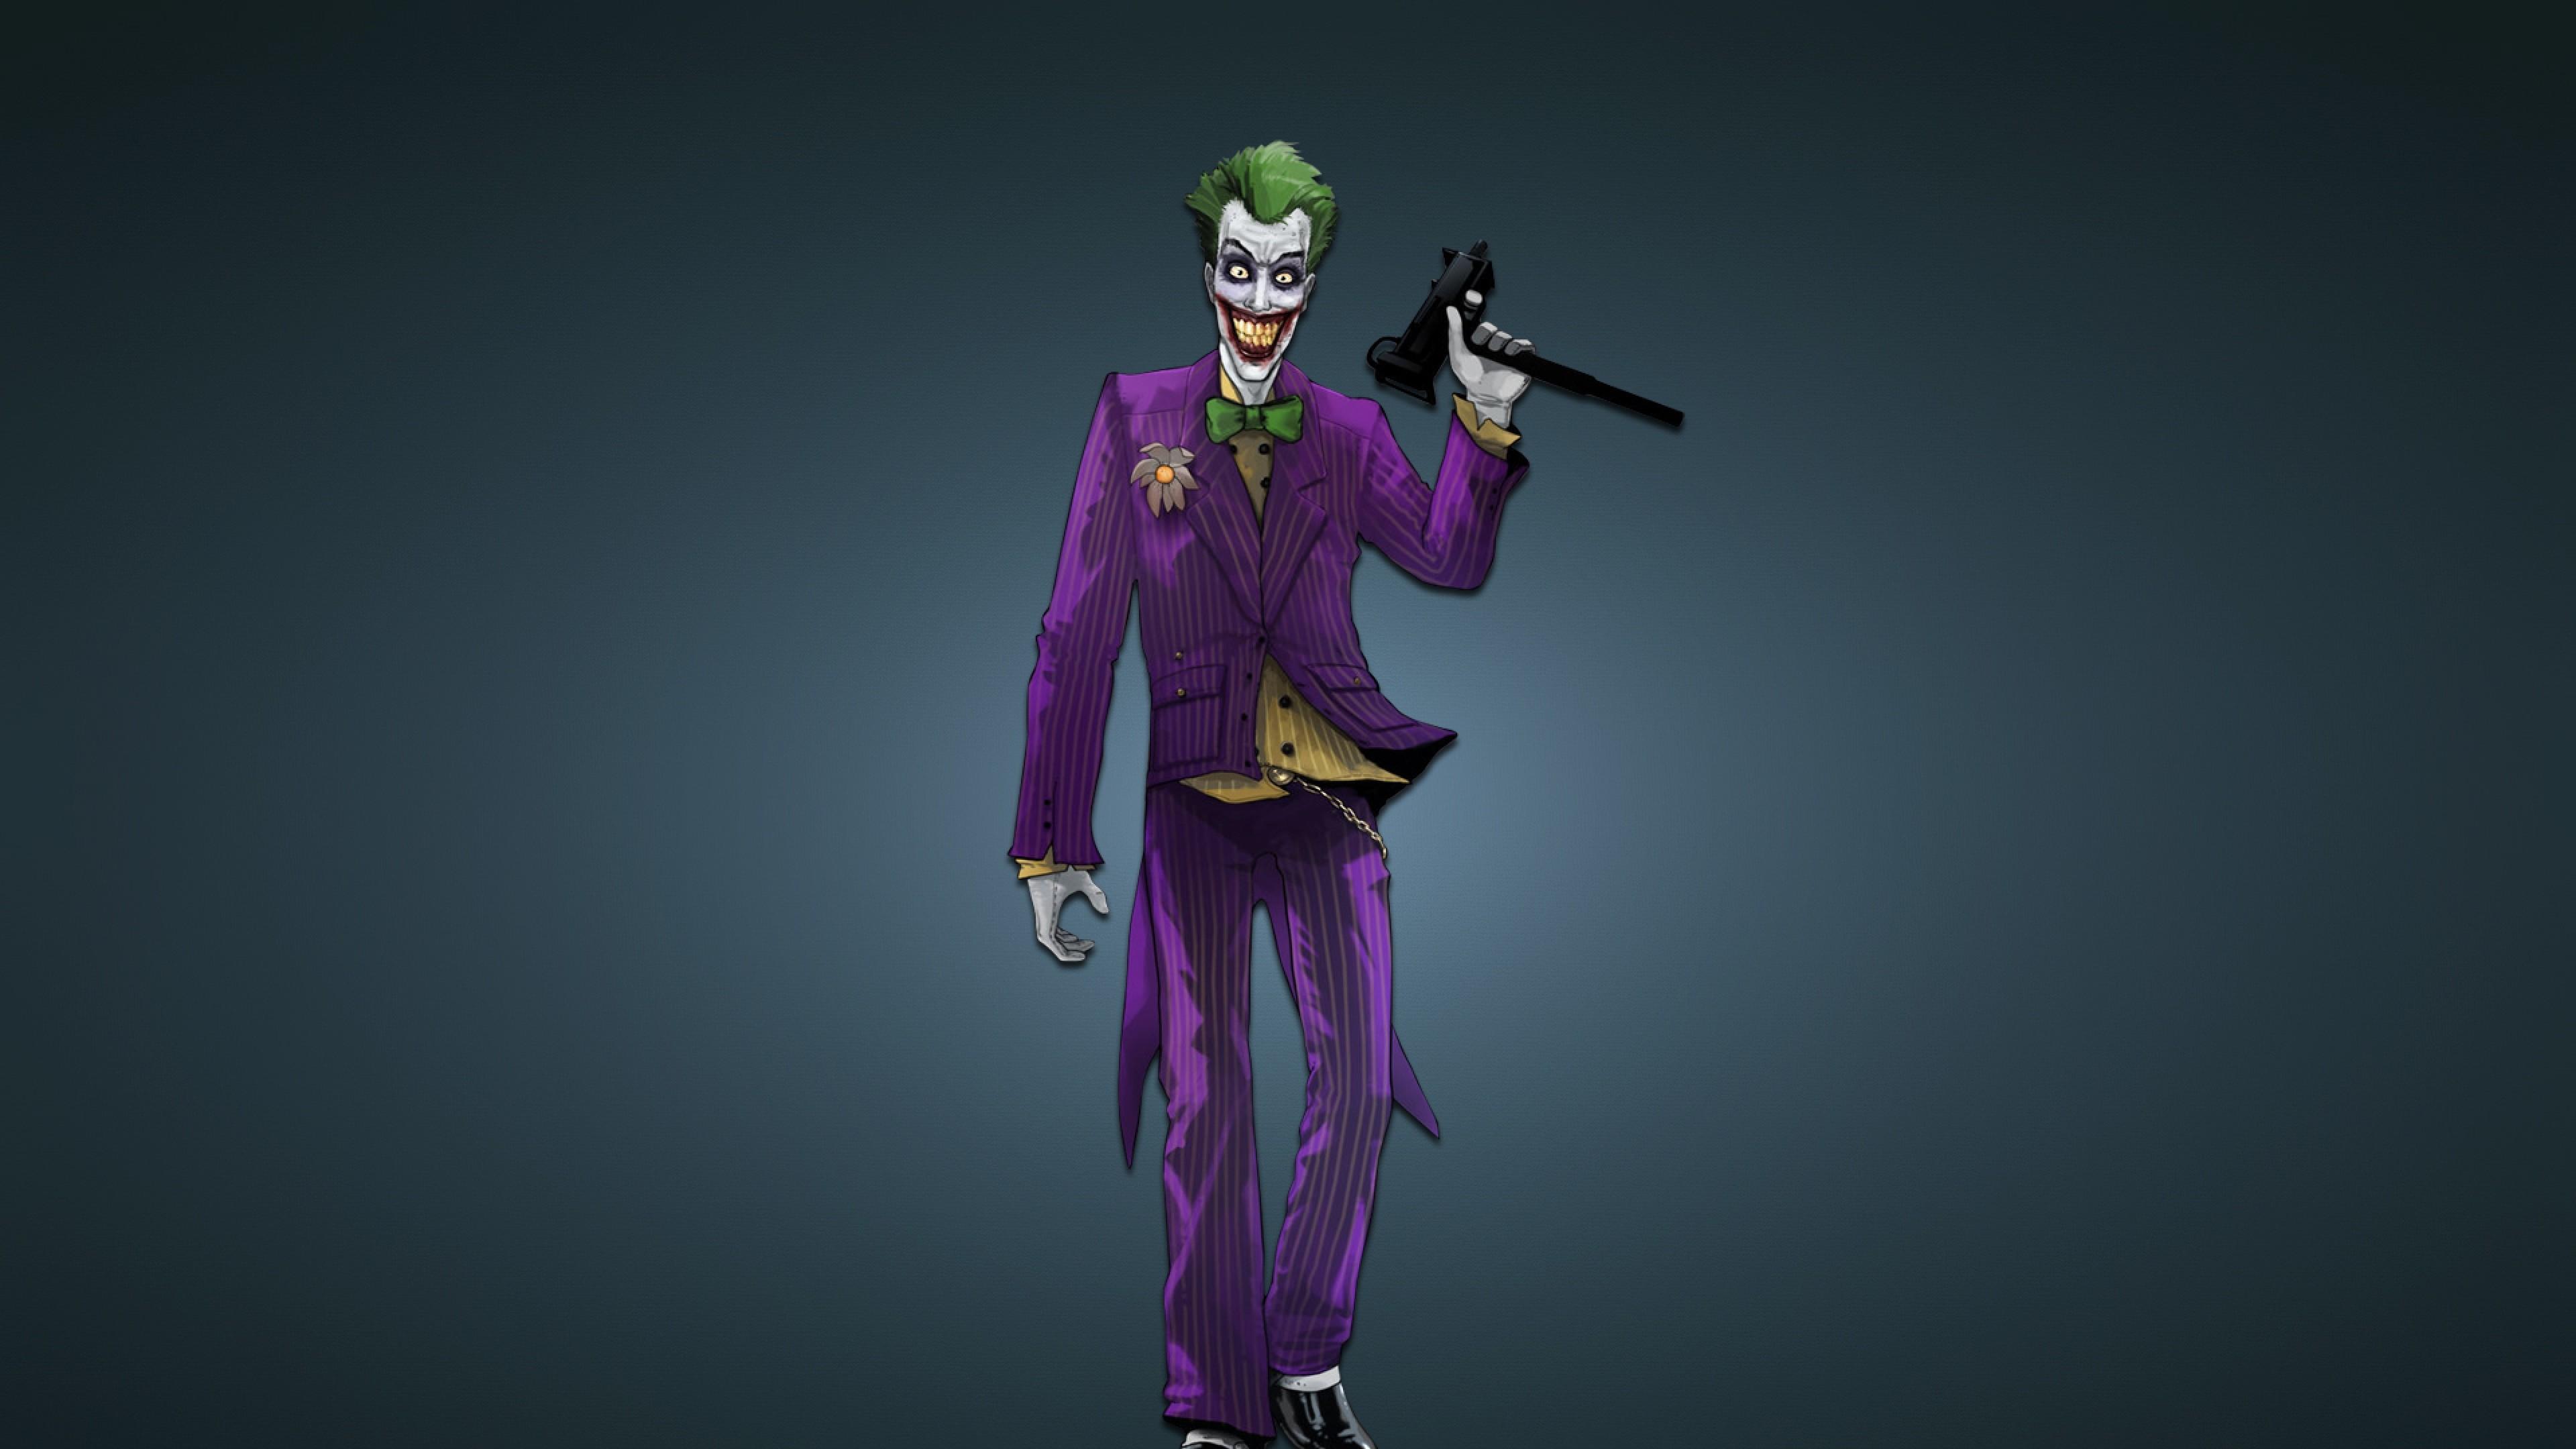 Minimalist 4k wallpaper 66 images for Joker wallpaper 4k